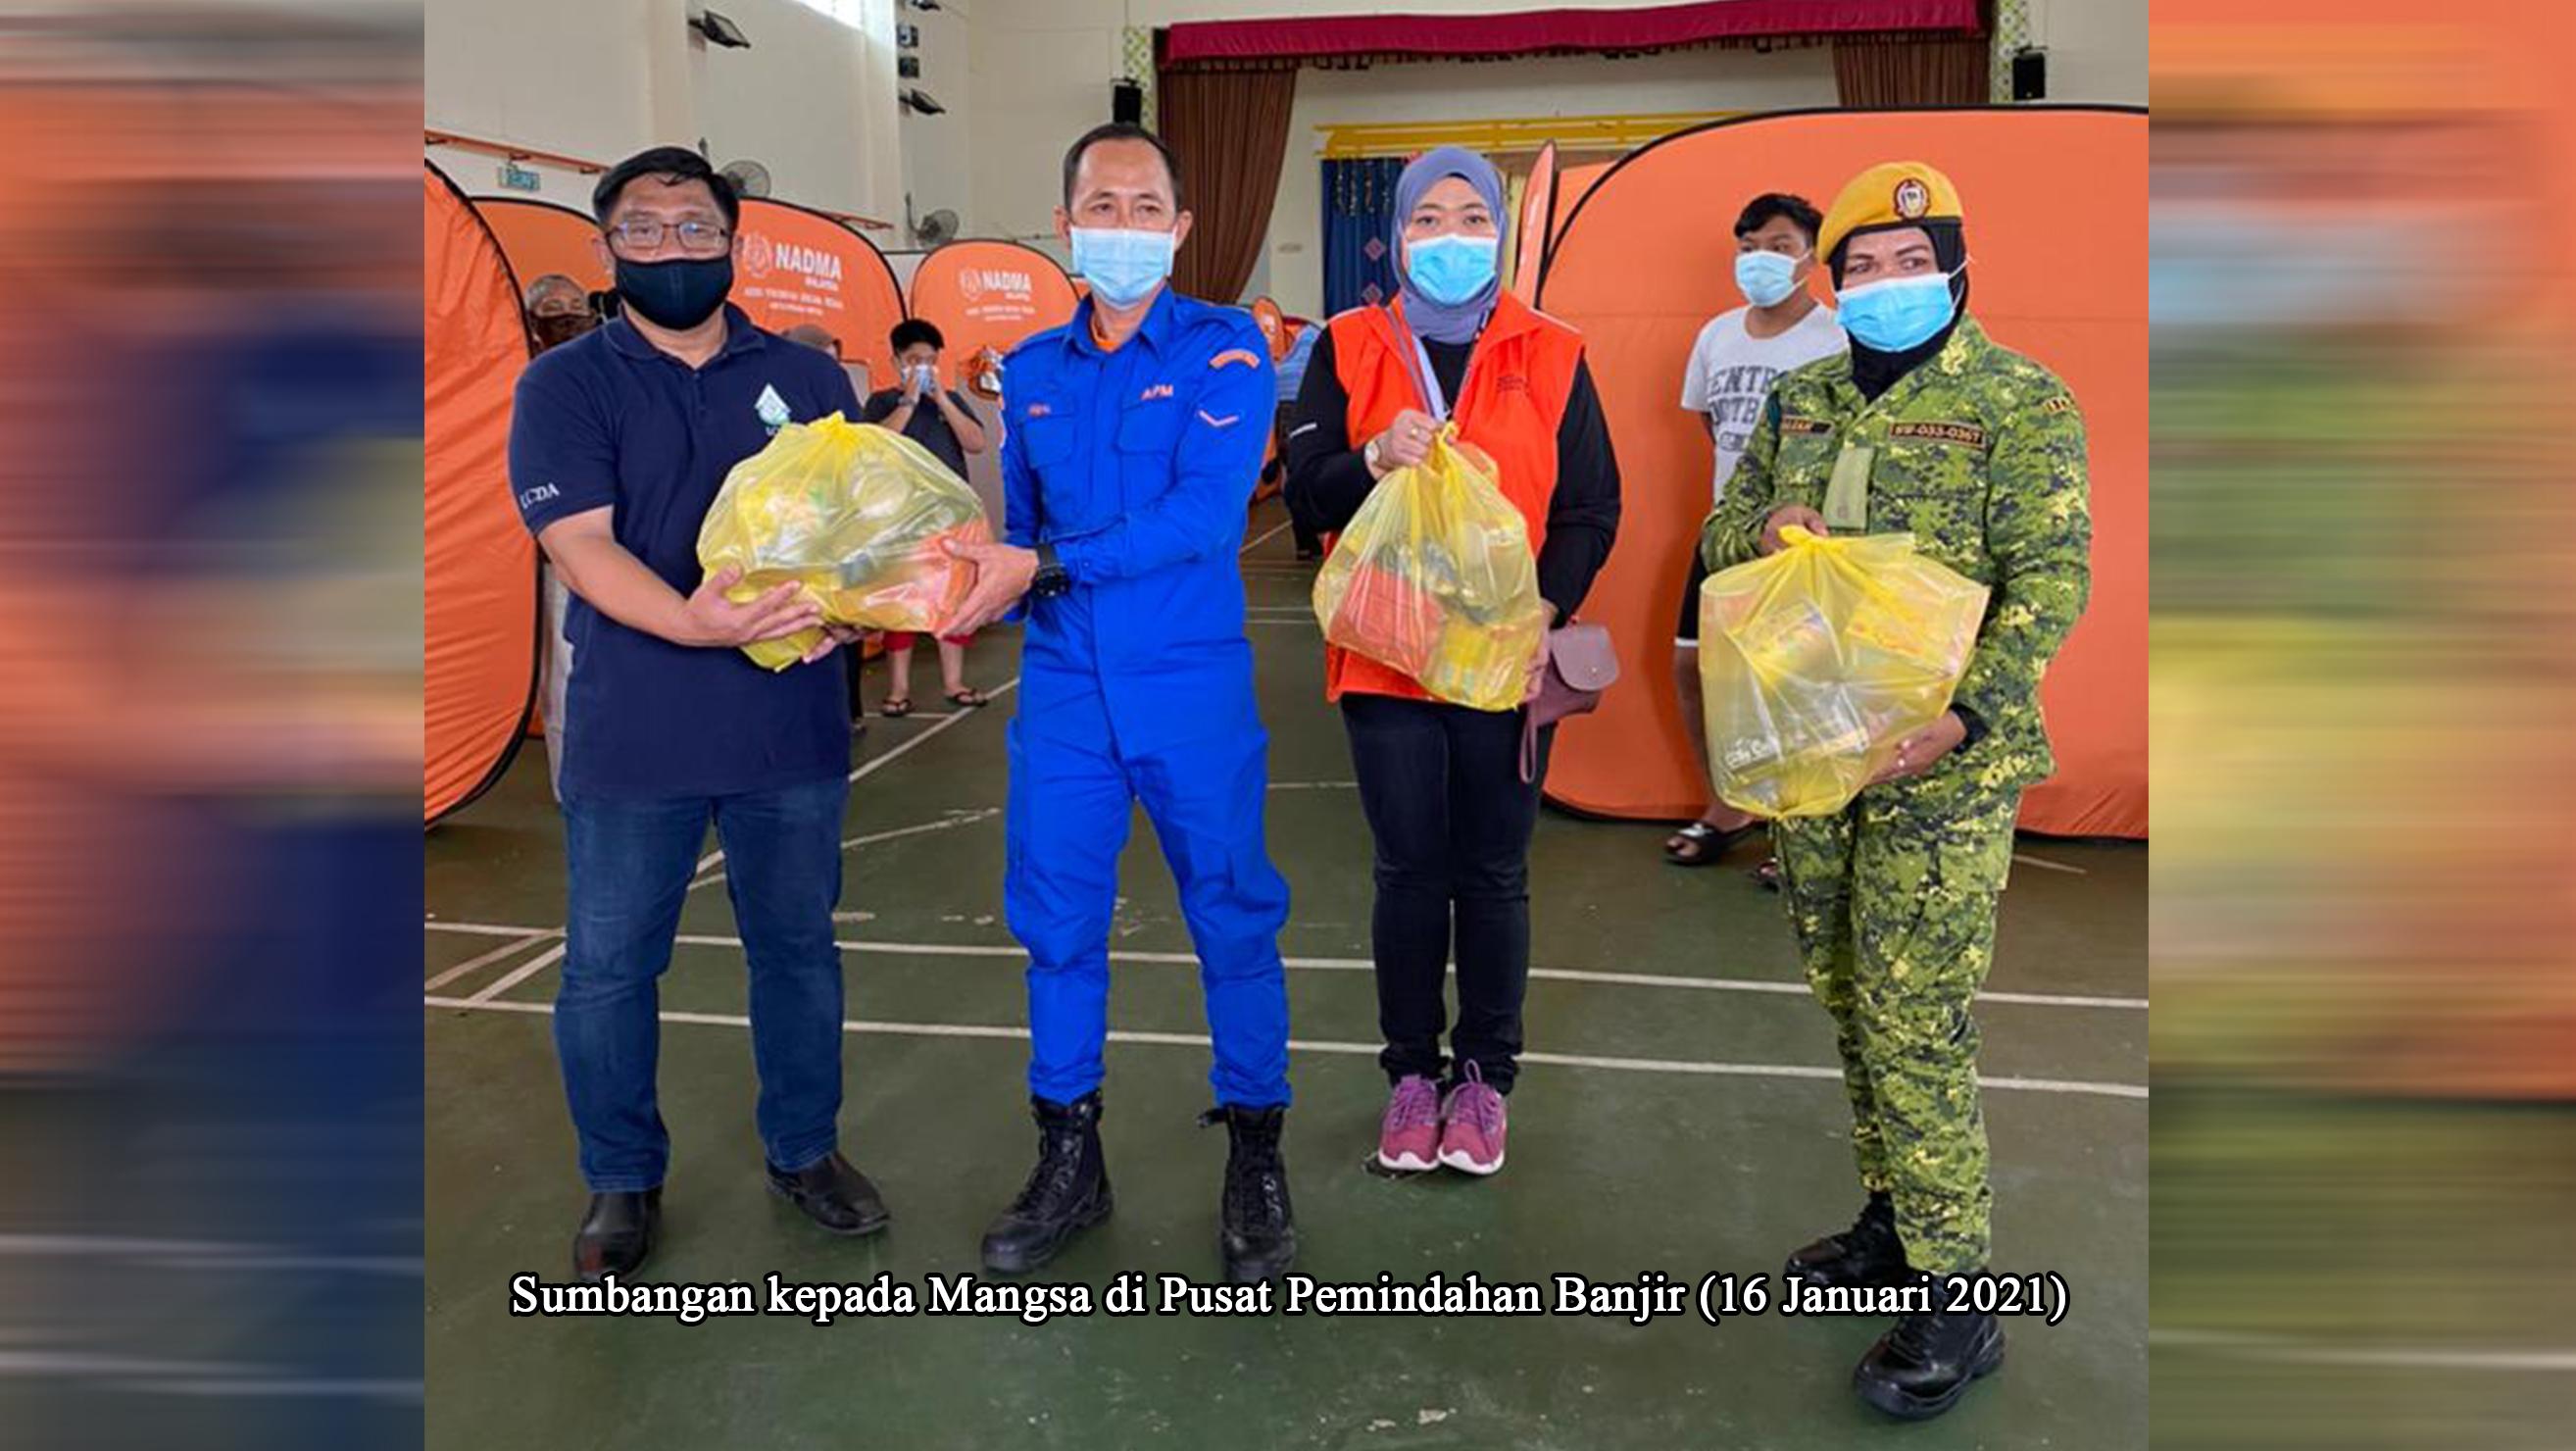 022 Sumbangan kepada Mangsa di Pusat Pem